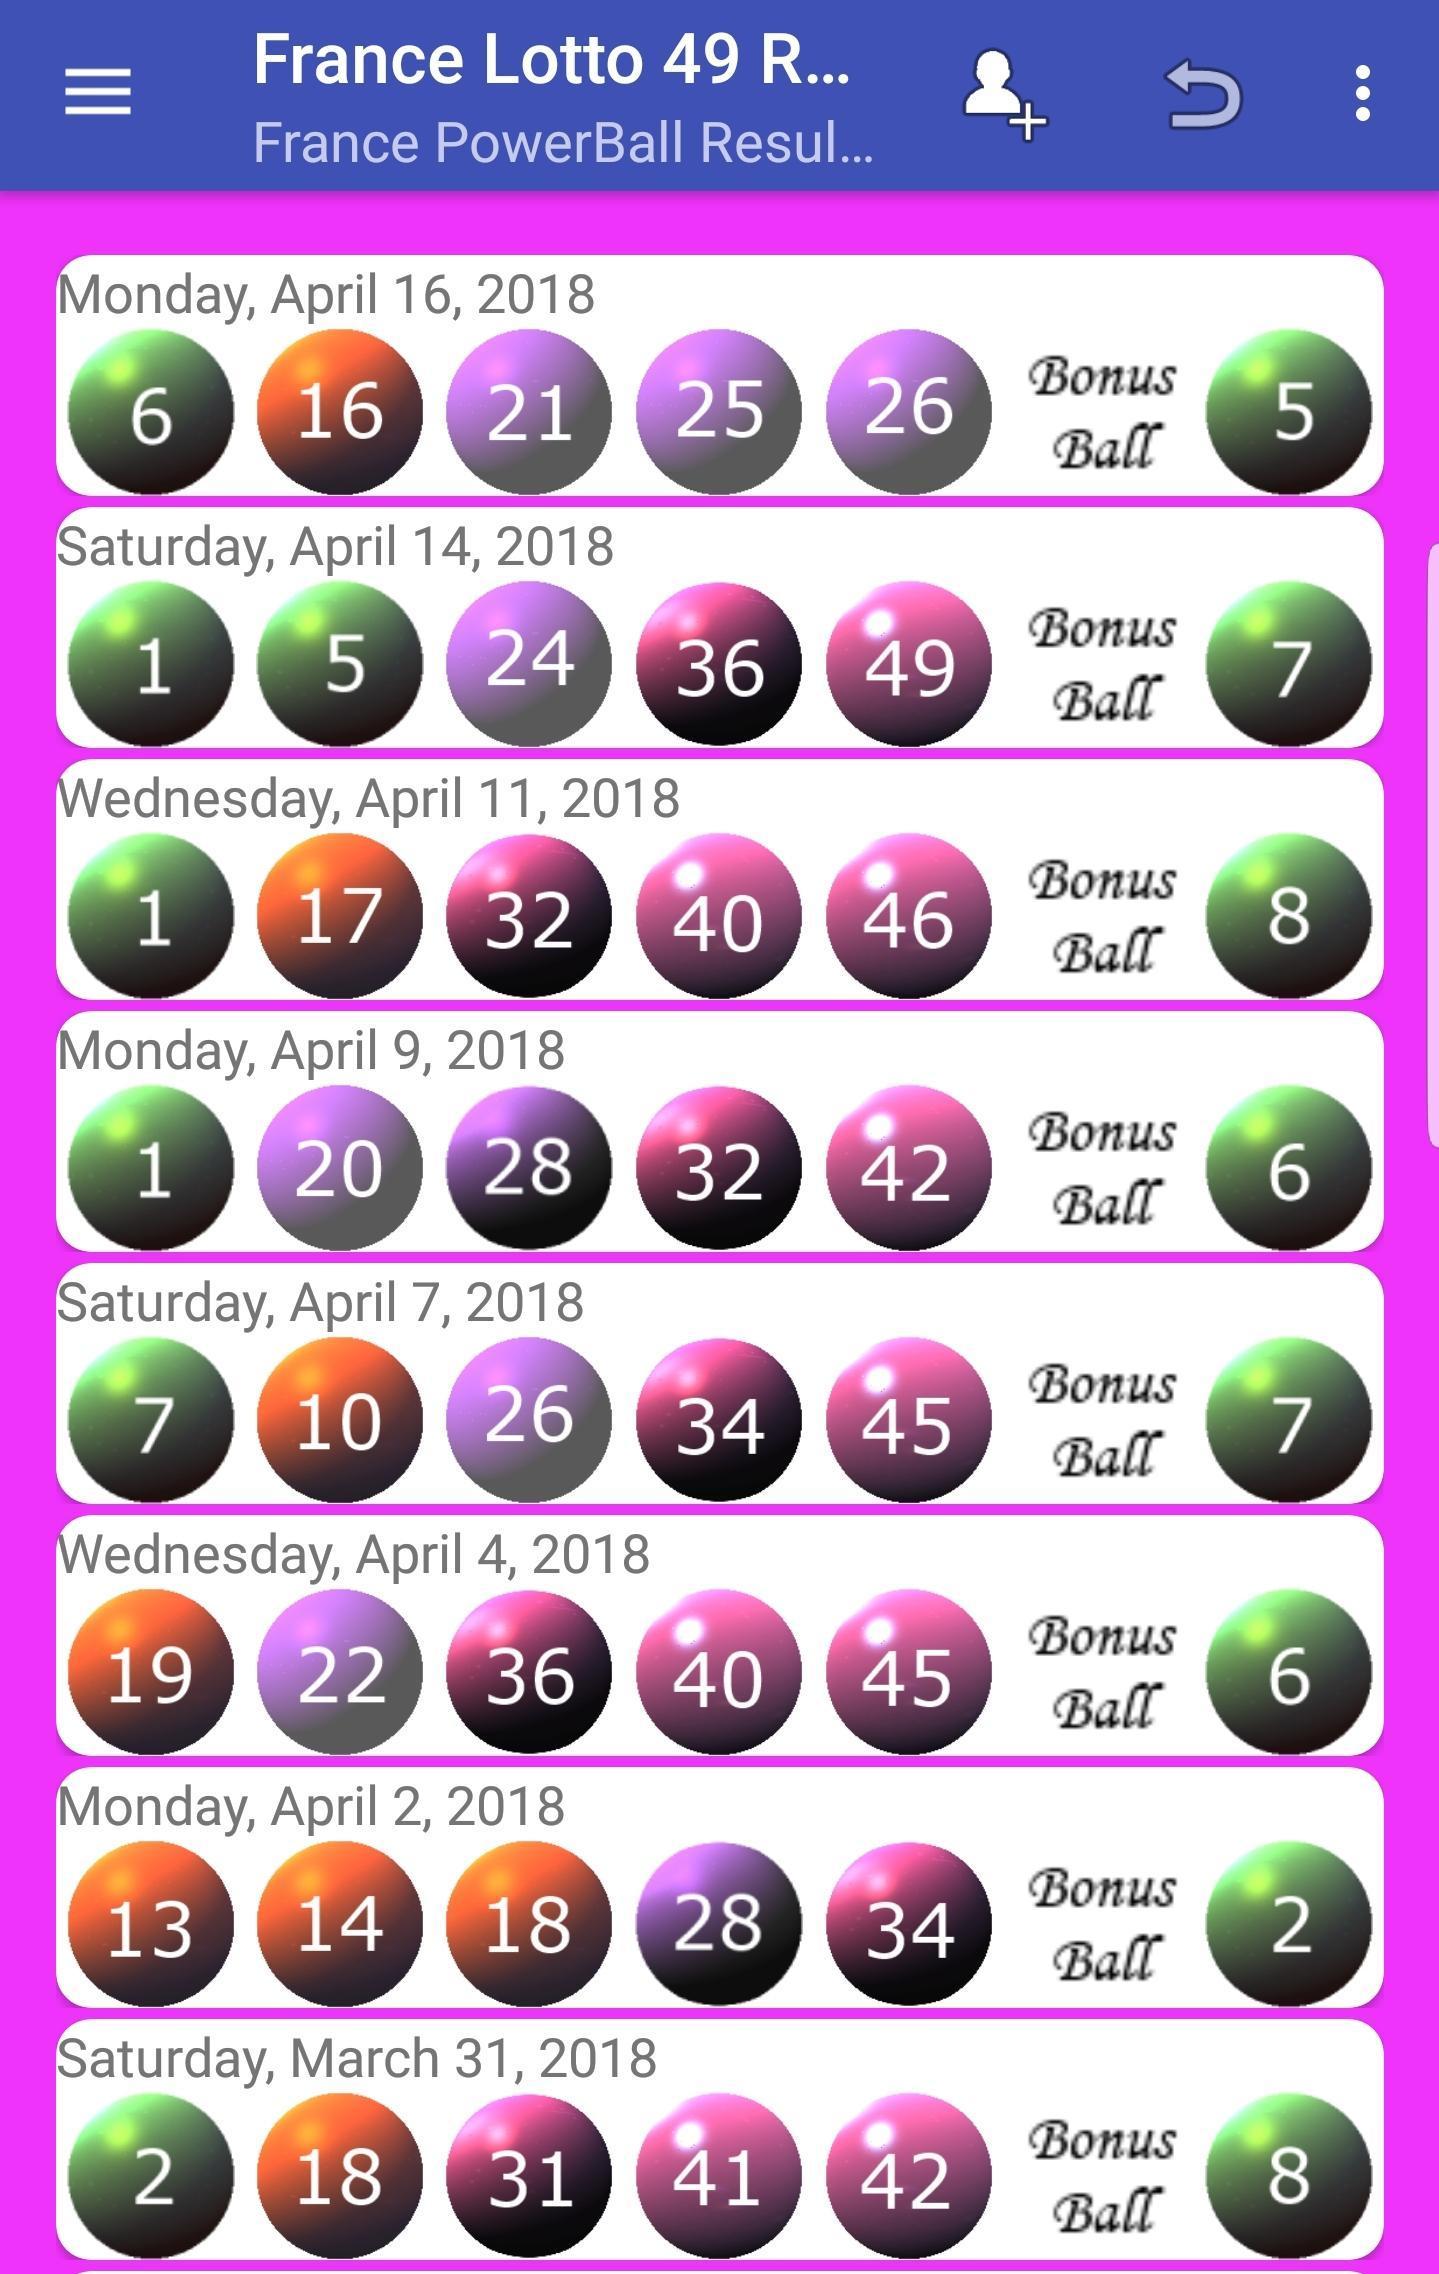 Euromillions della lotteria francese e la mia lotteria da un milione (5 из 50 + 2 di 12)